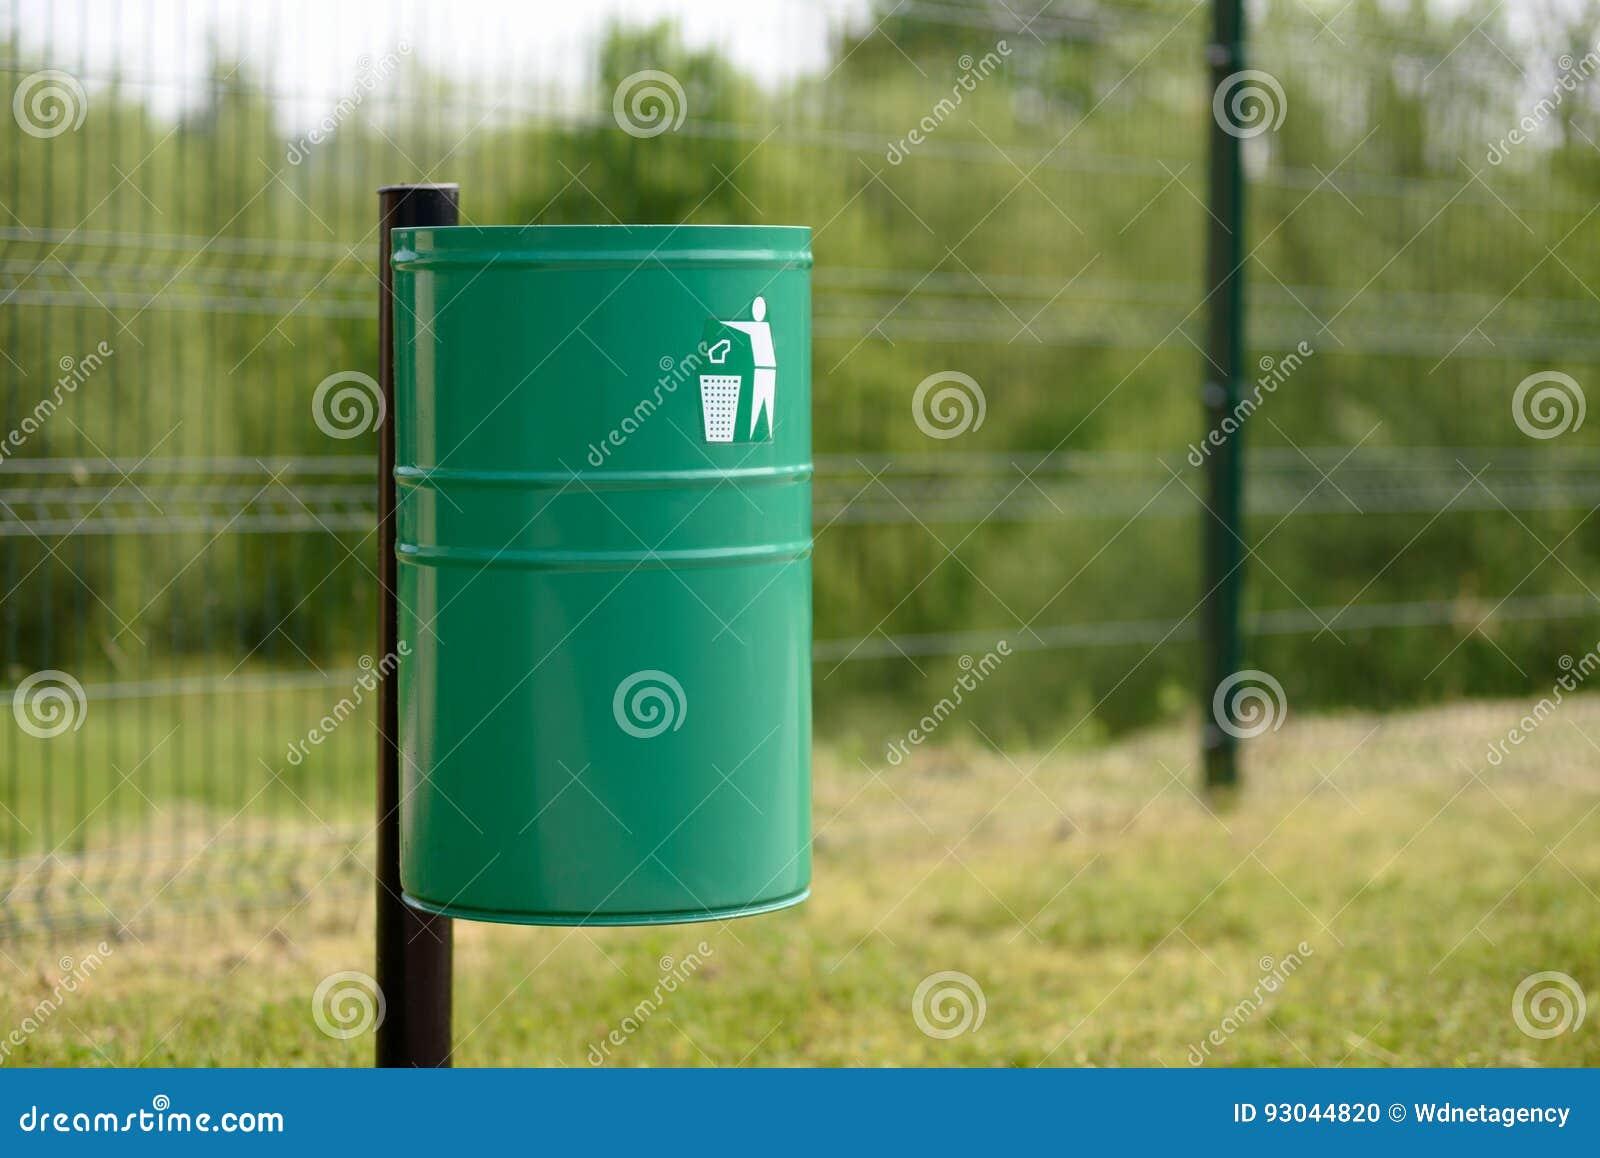 Escaninho de lixo no parque